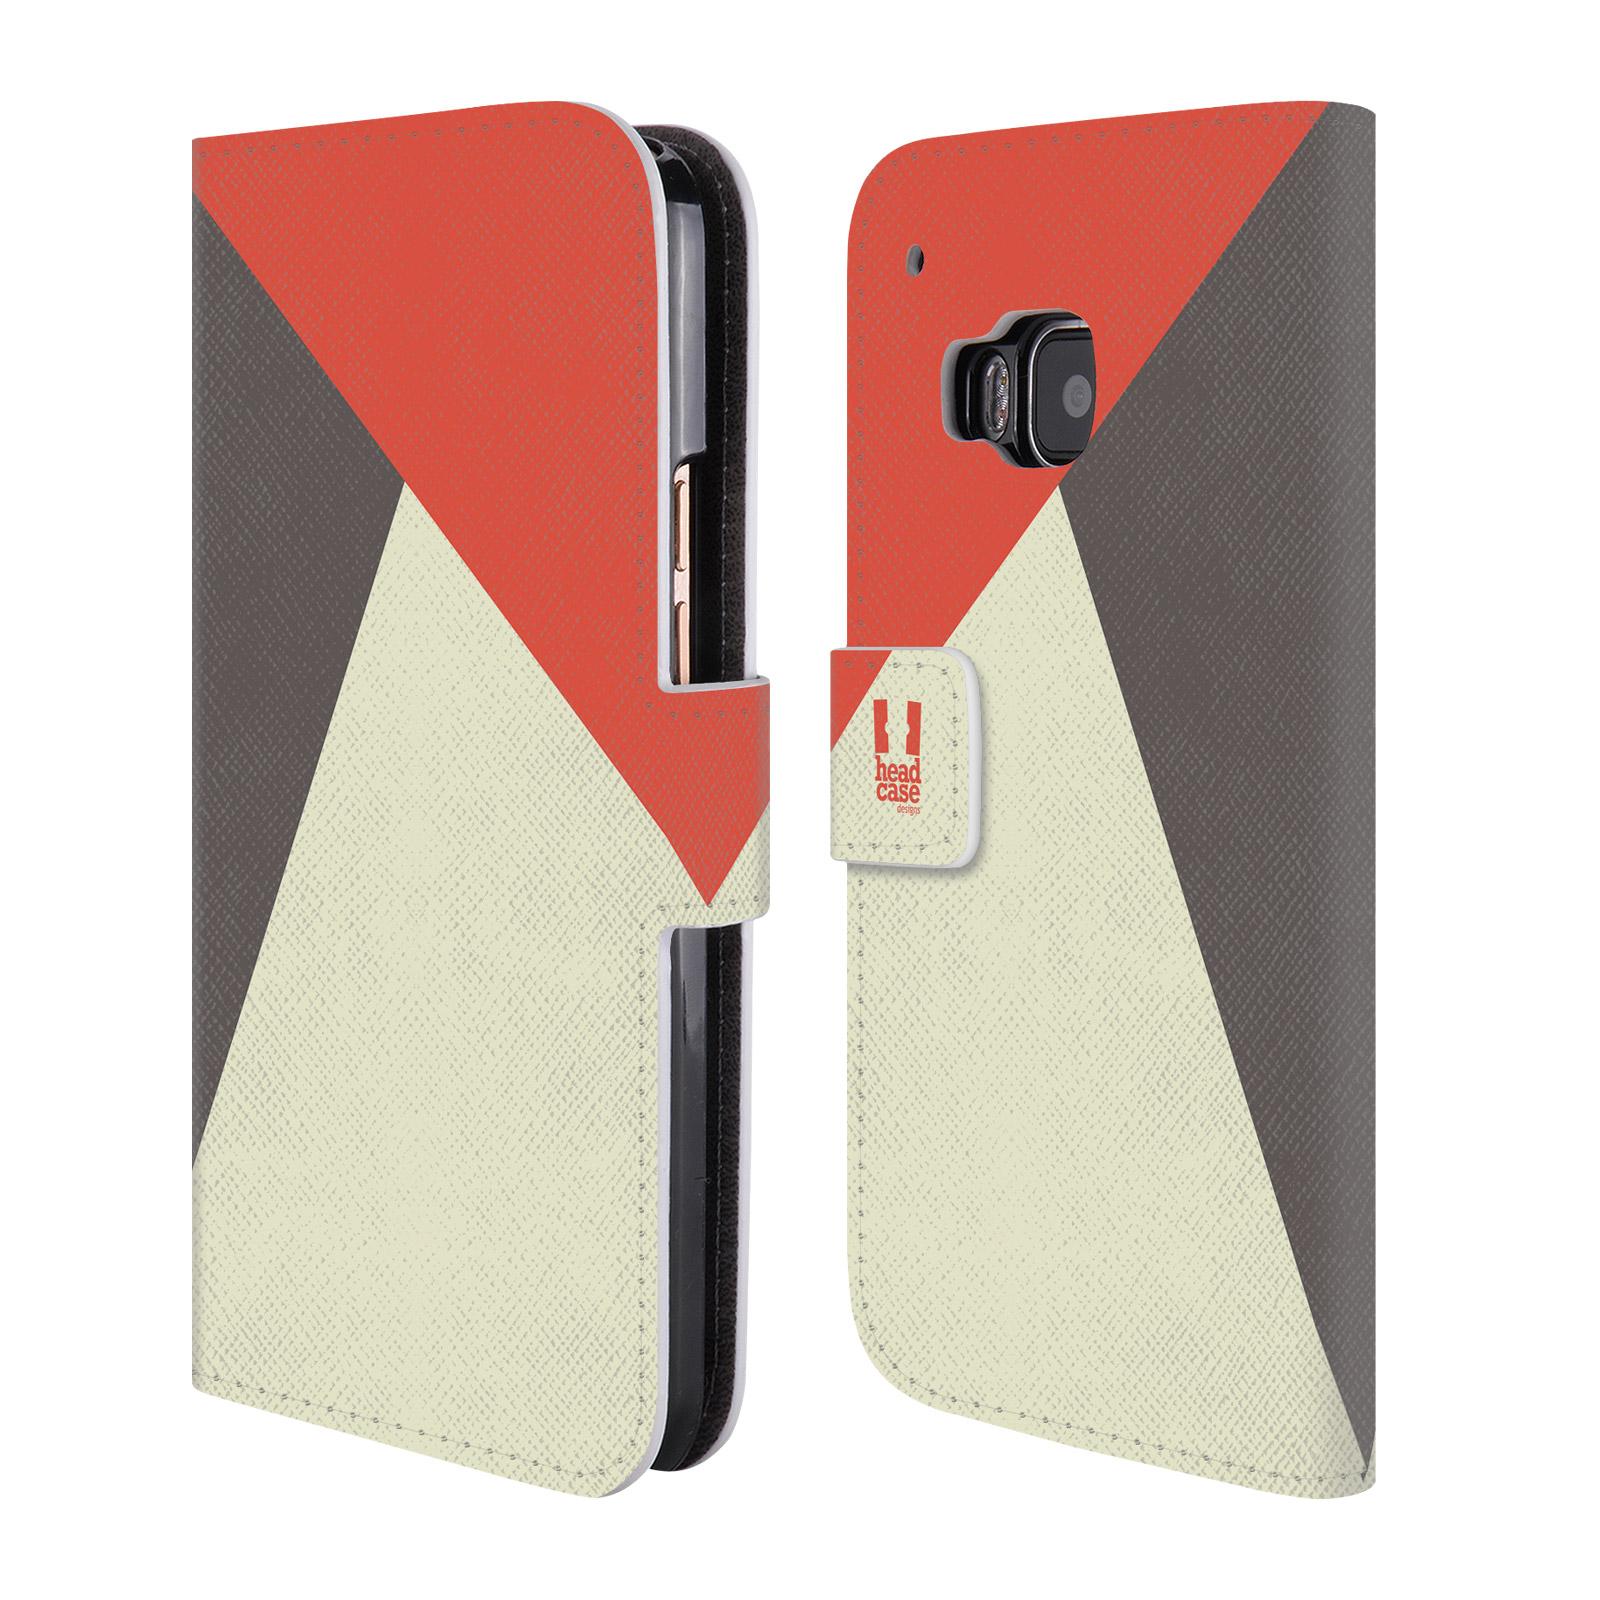 HEAD CASE Flipové pouzdro pro mobil HTC ONE M9 barevné tvary červená a šedá COOL